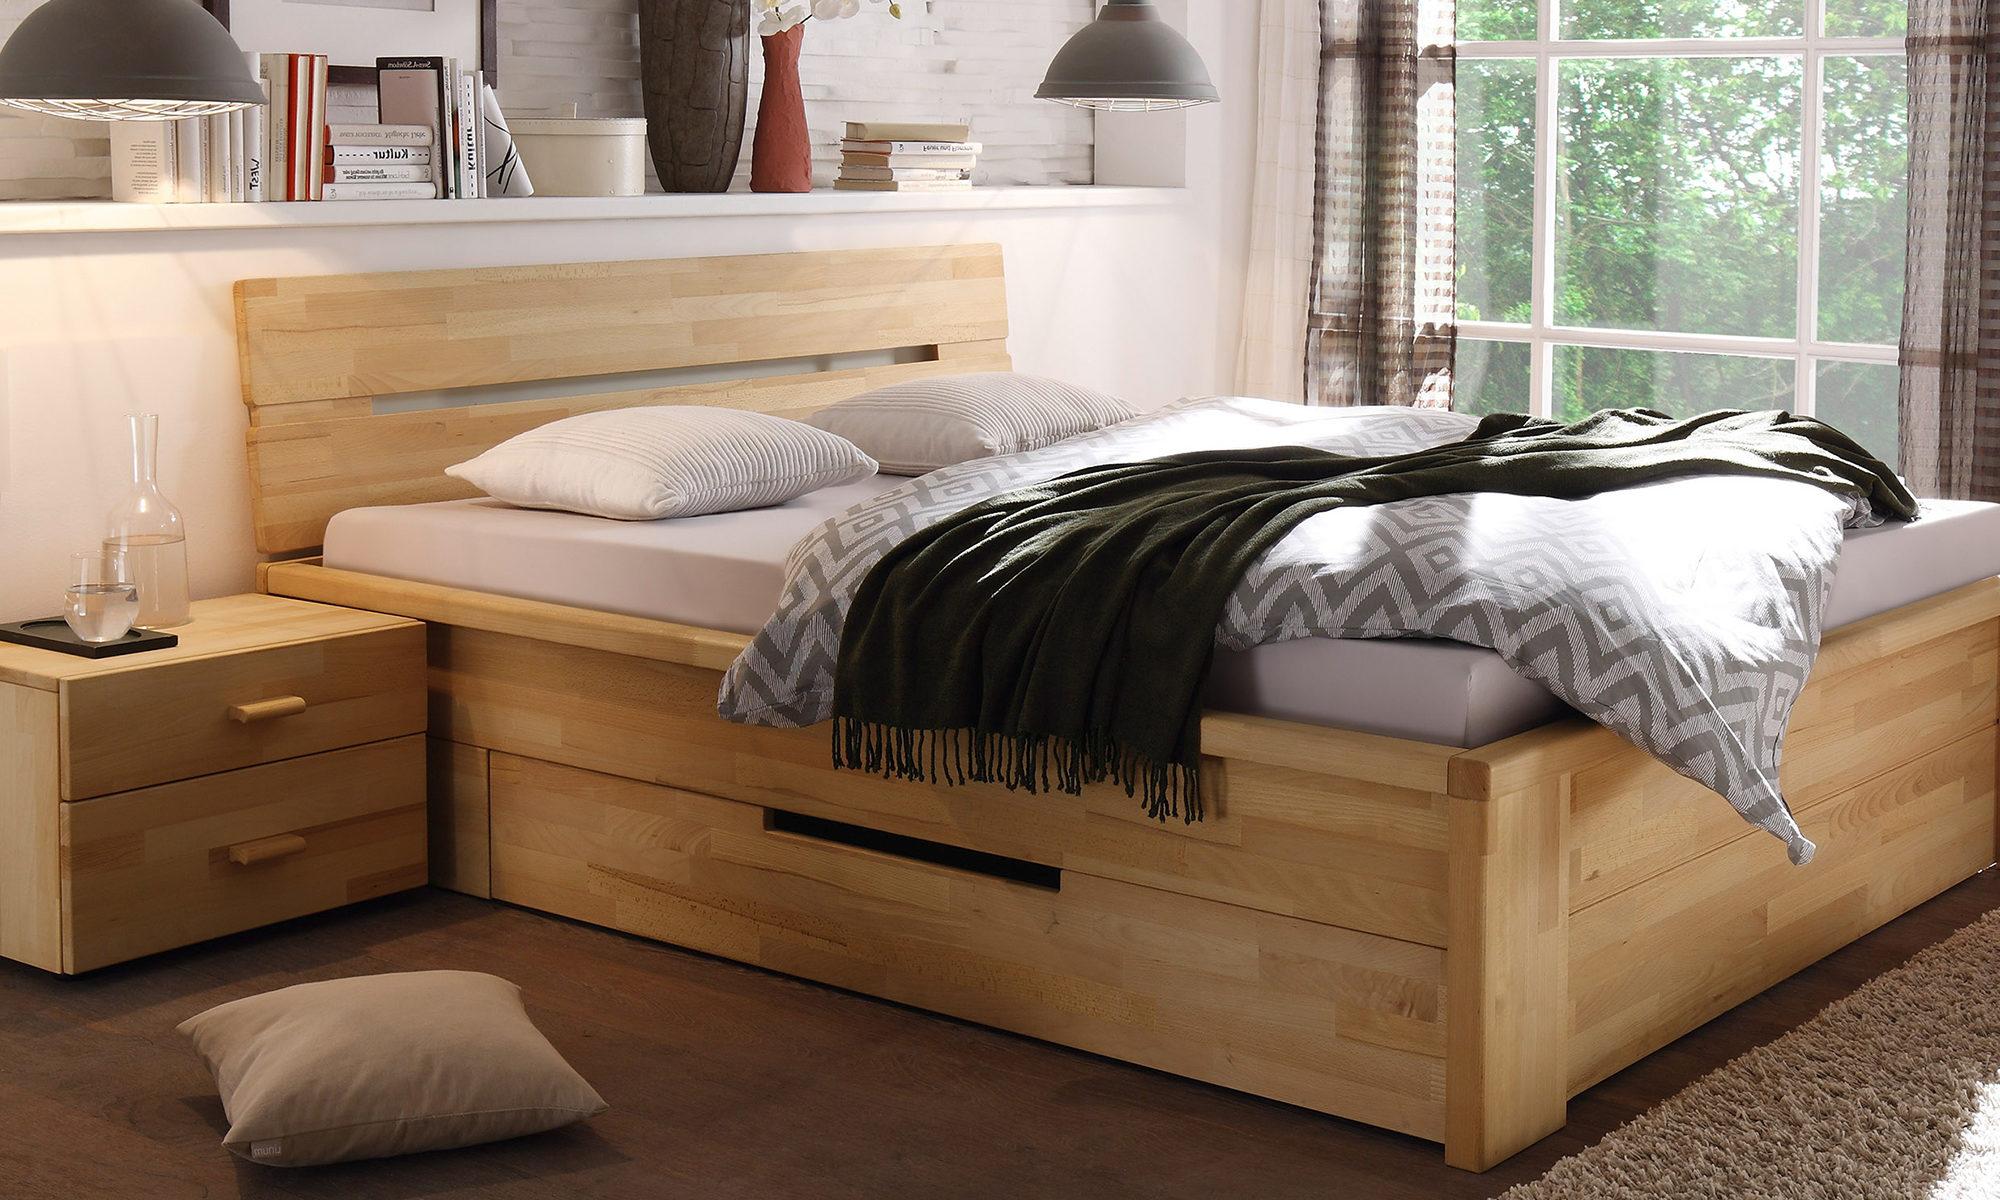 bett kaufen ikea rundes bett kaufen runde betten fr die schlafzimmer bett kaufen schweiz ikea. Black Bedroom Furniture Sets. Home Design Ideas